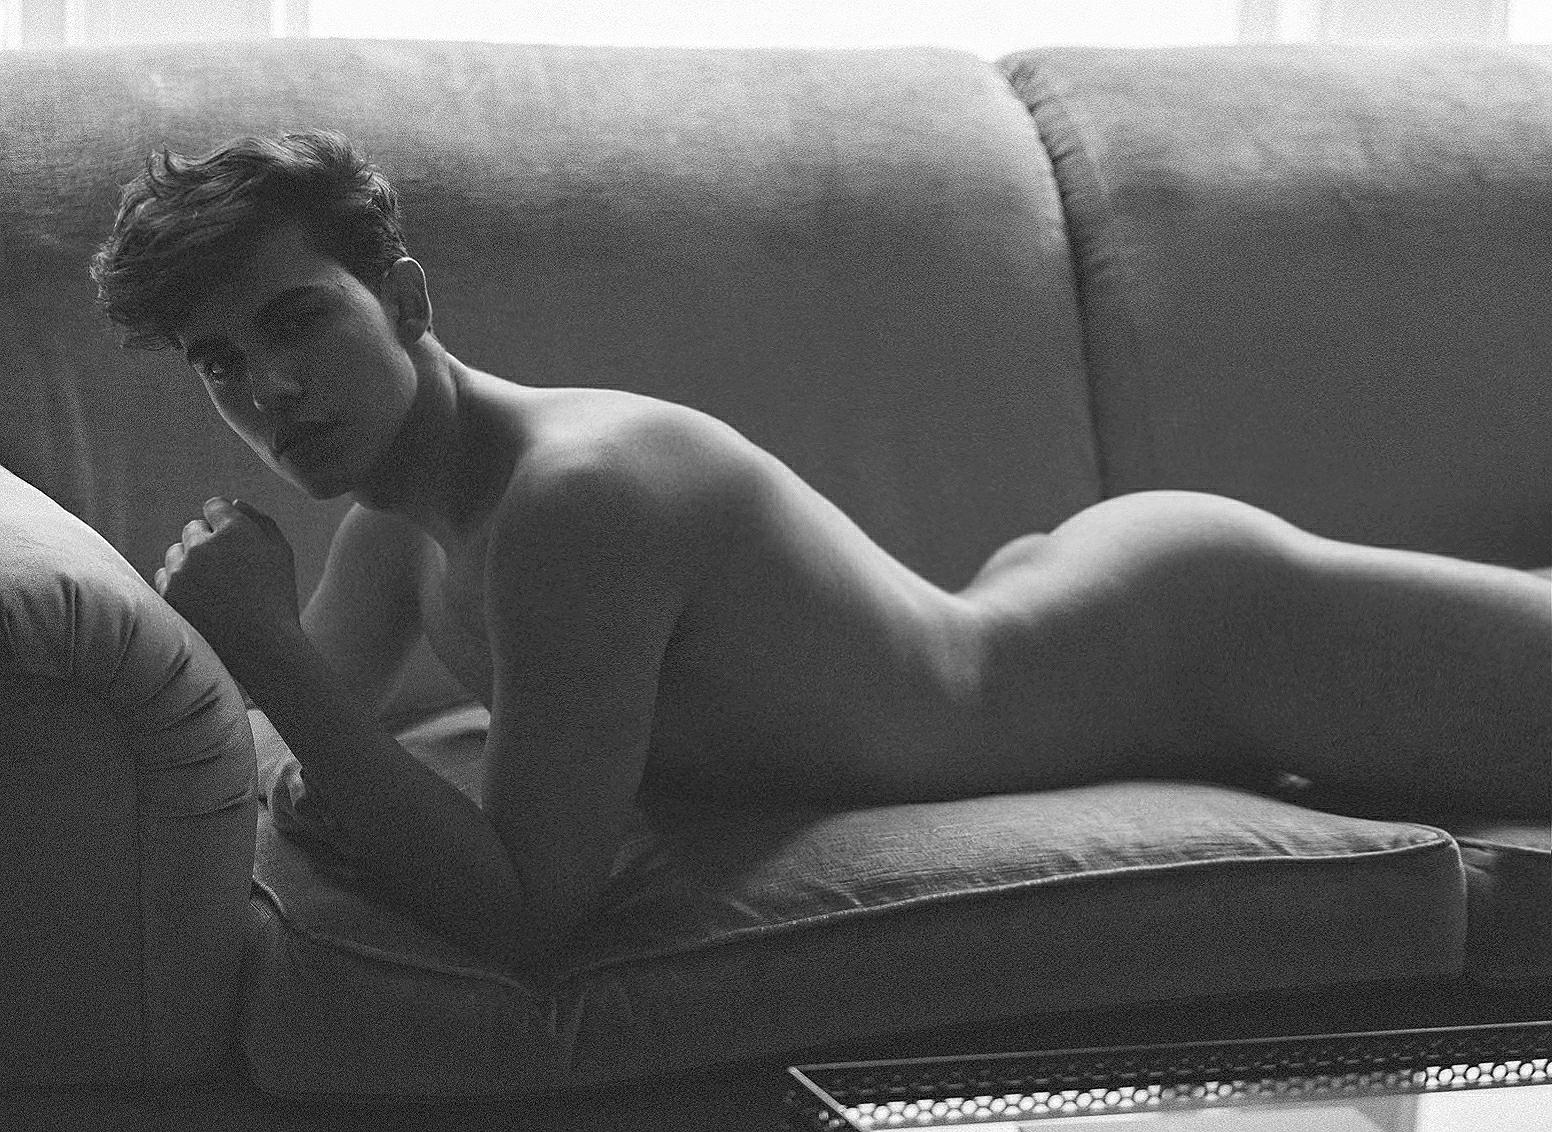 """Leomakvi: """"Para mí es importante incluir vestuario, ayuda a dar contexto y hasta suele ser, muchas veces, más erótico que el desnudo explícito"""""""